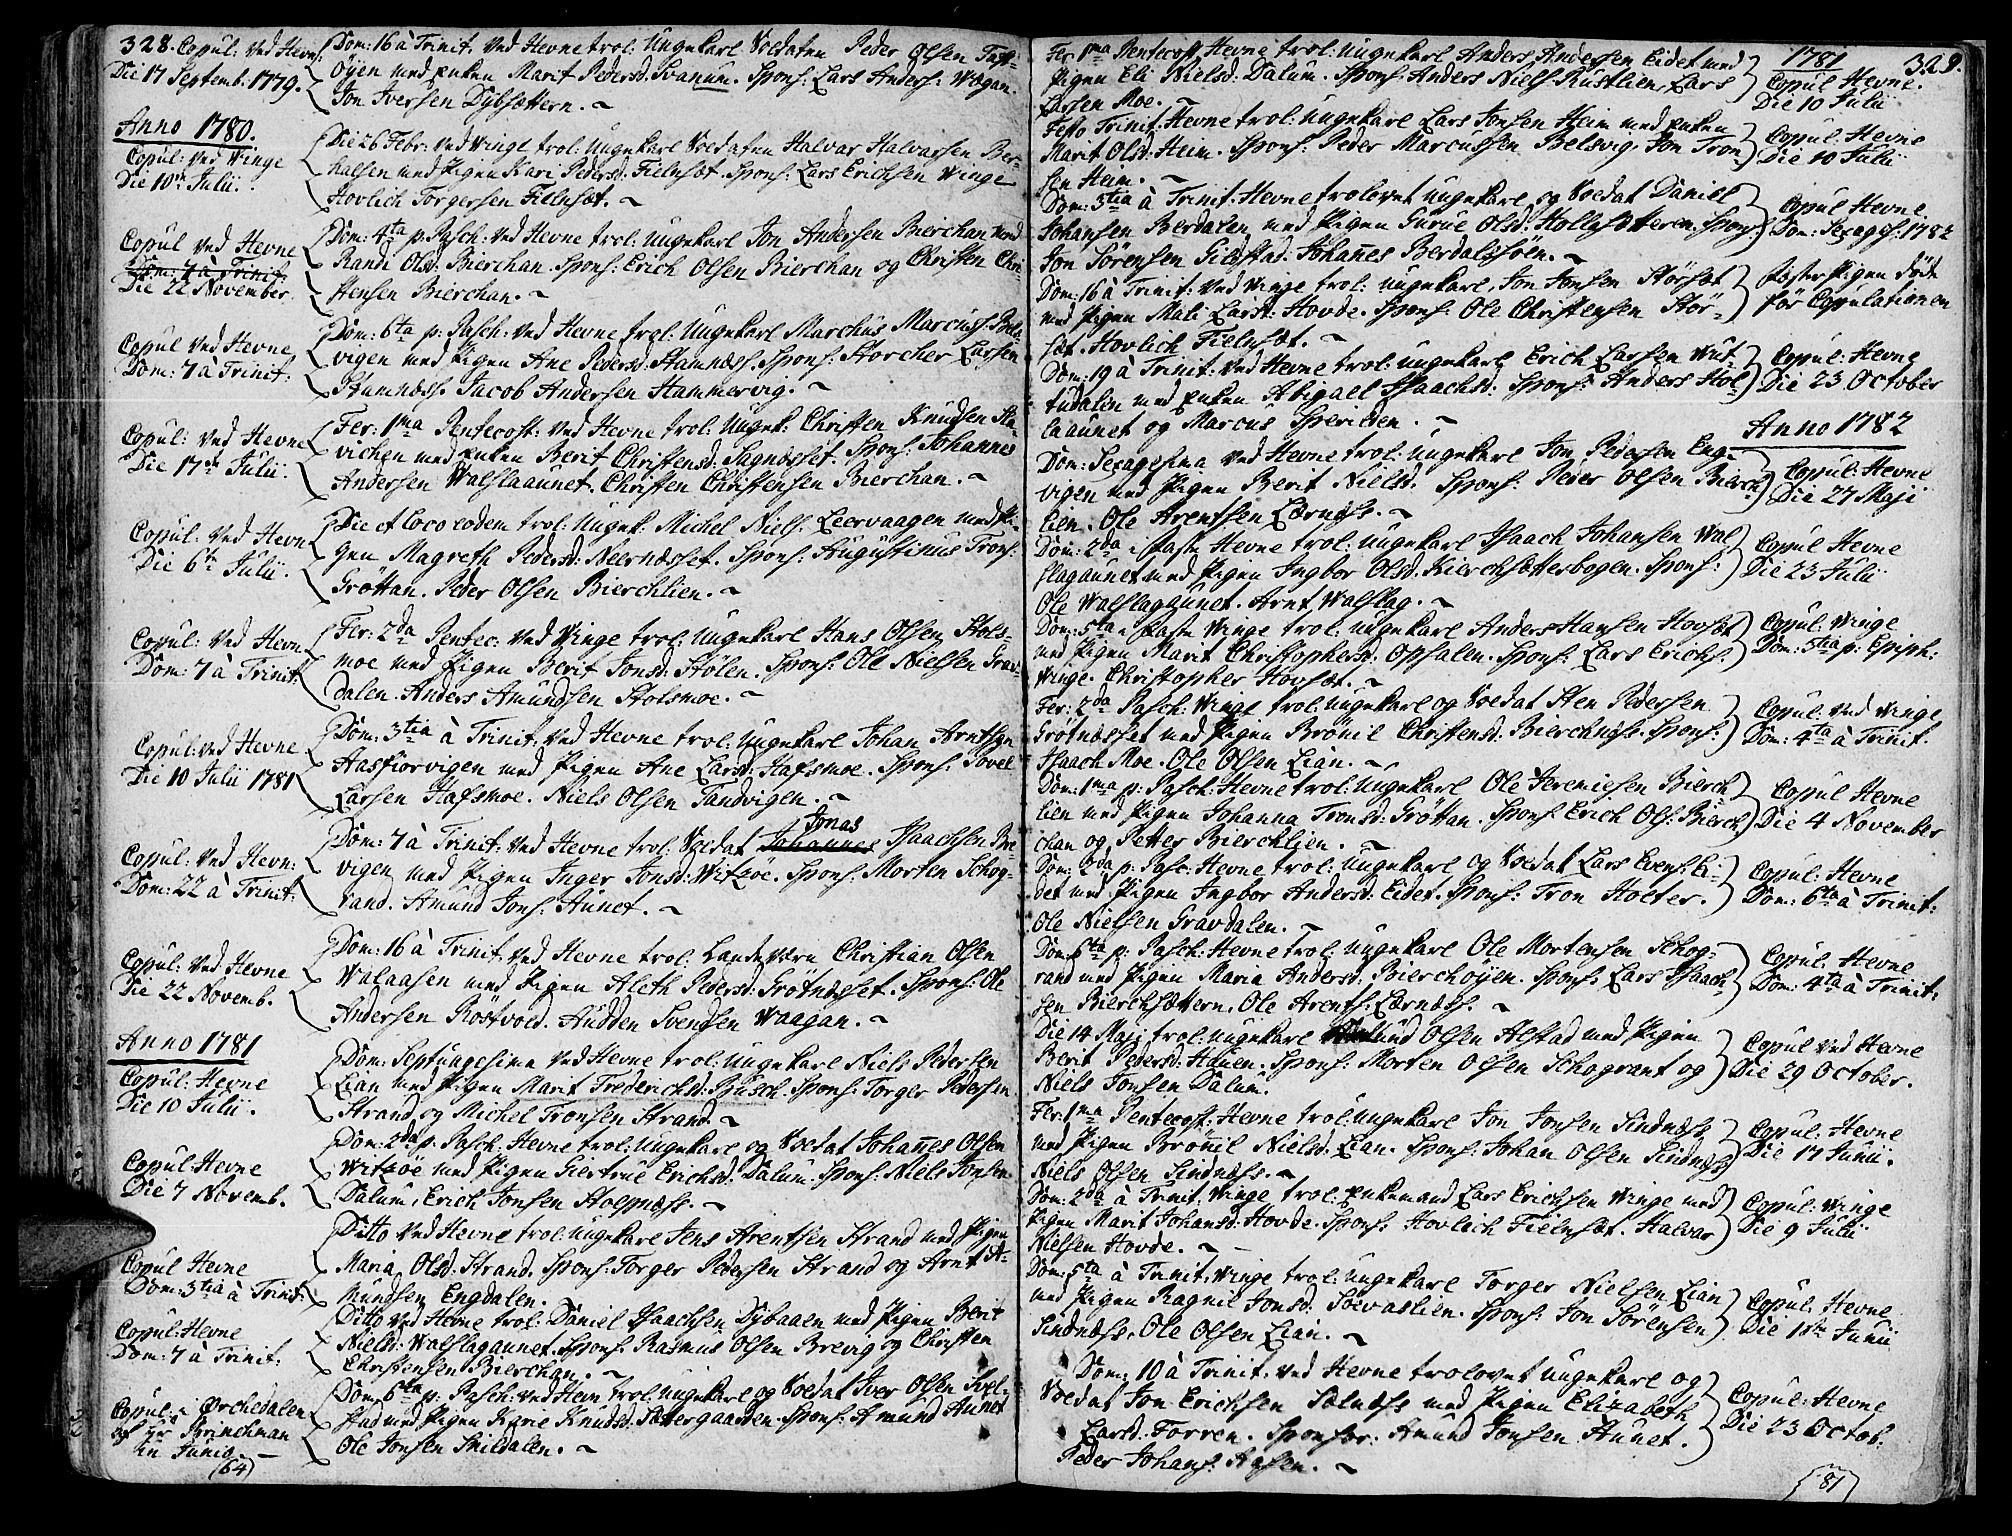 SAT, Ministerialprotokoller, klokkerbøker og fødselsregistre - Sør-Trøndelag, 630/L0489: Ministerialbok nr. 630A02, 1757-1794, s. 328-329